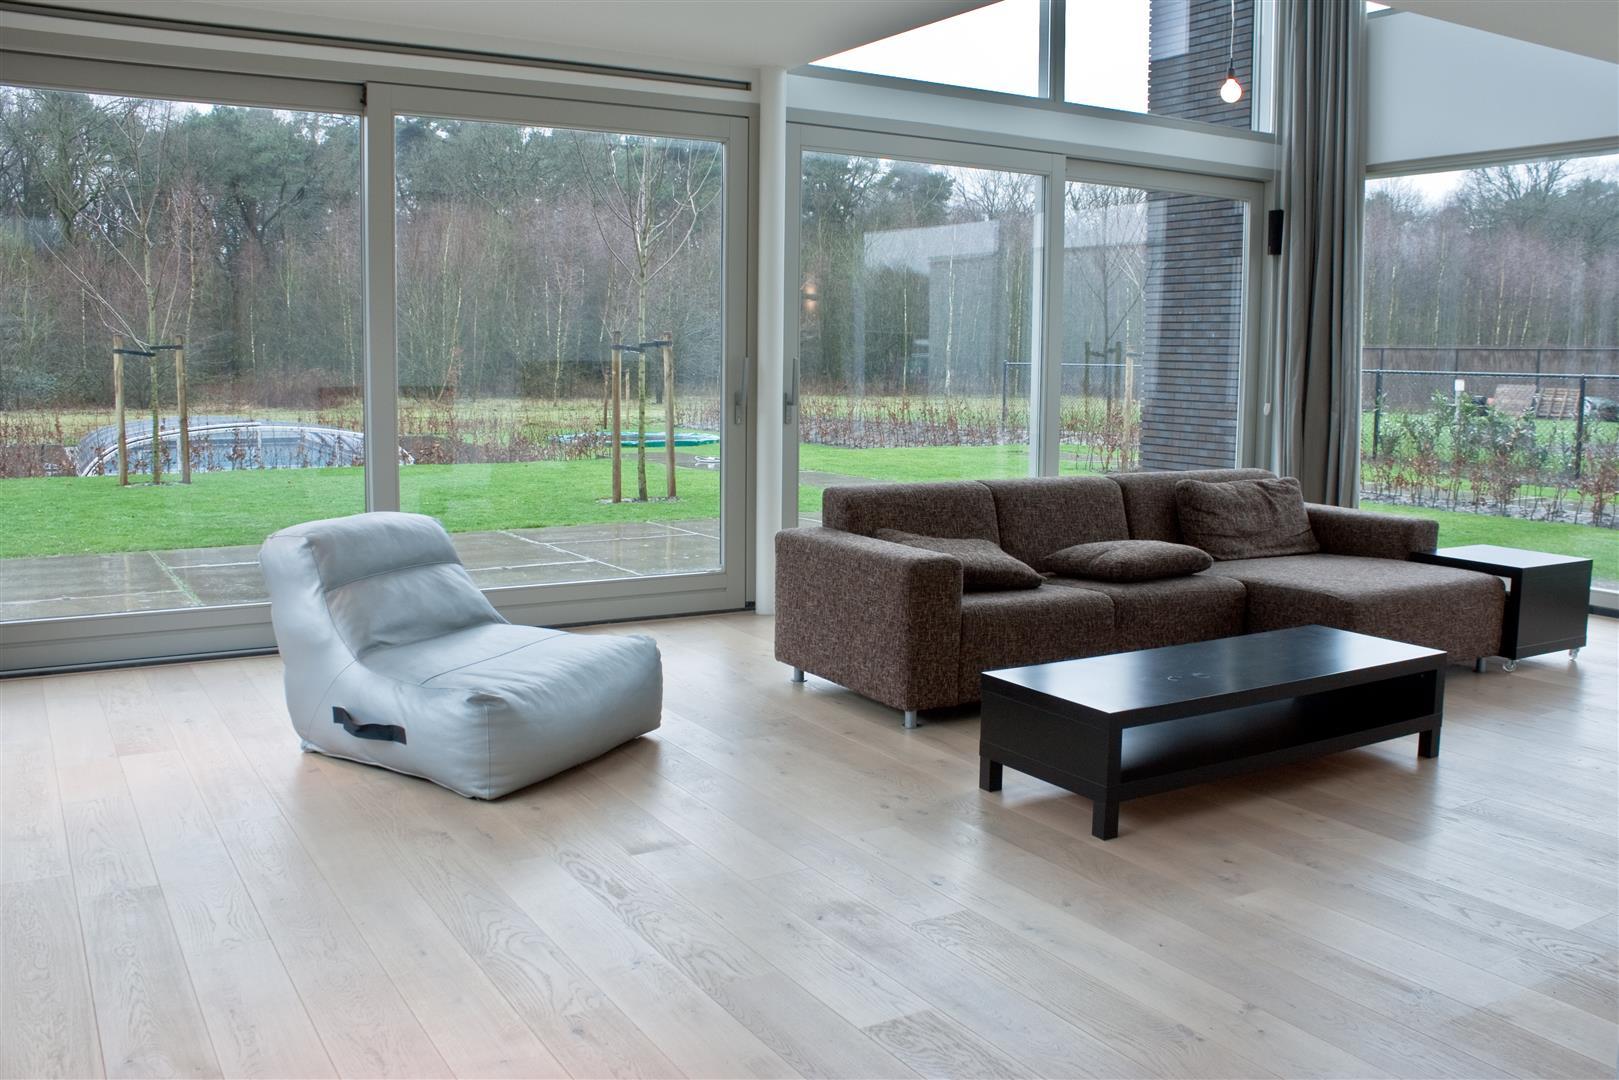 Tegels en houten vloer overgang strak zonder profiel